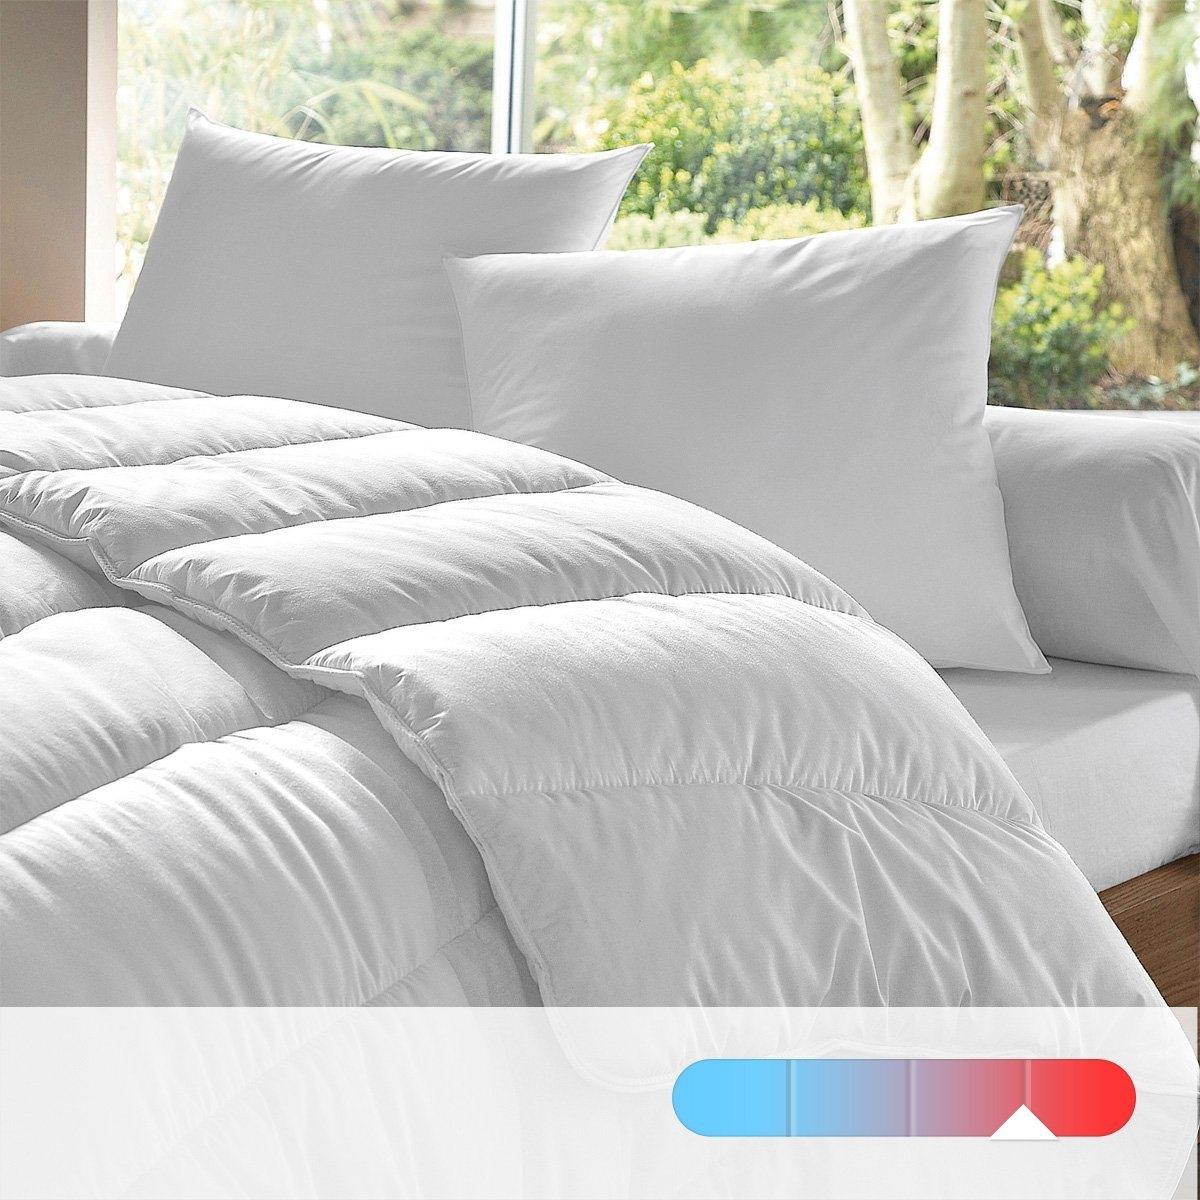 Одеяло экологичное с обработкой против клещей Proneem, высокого качества